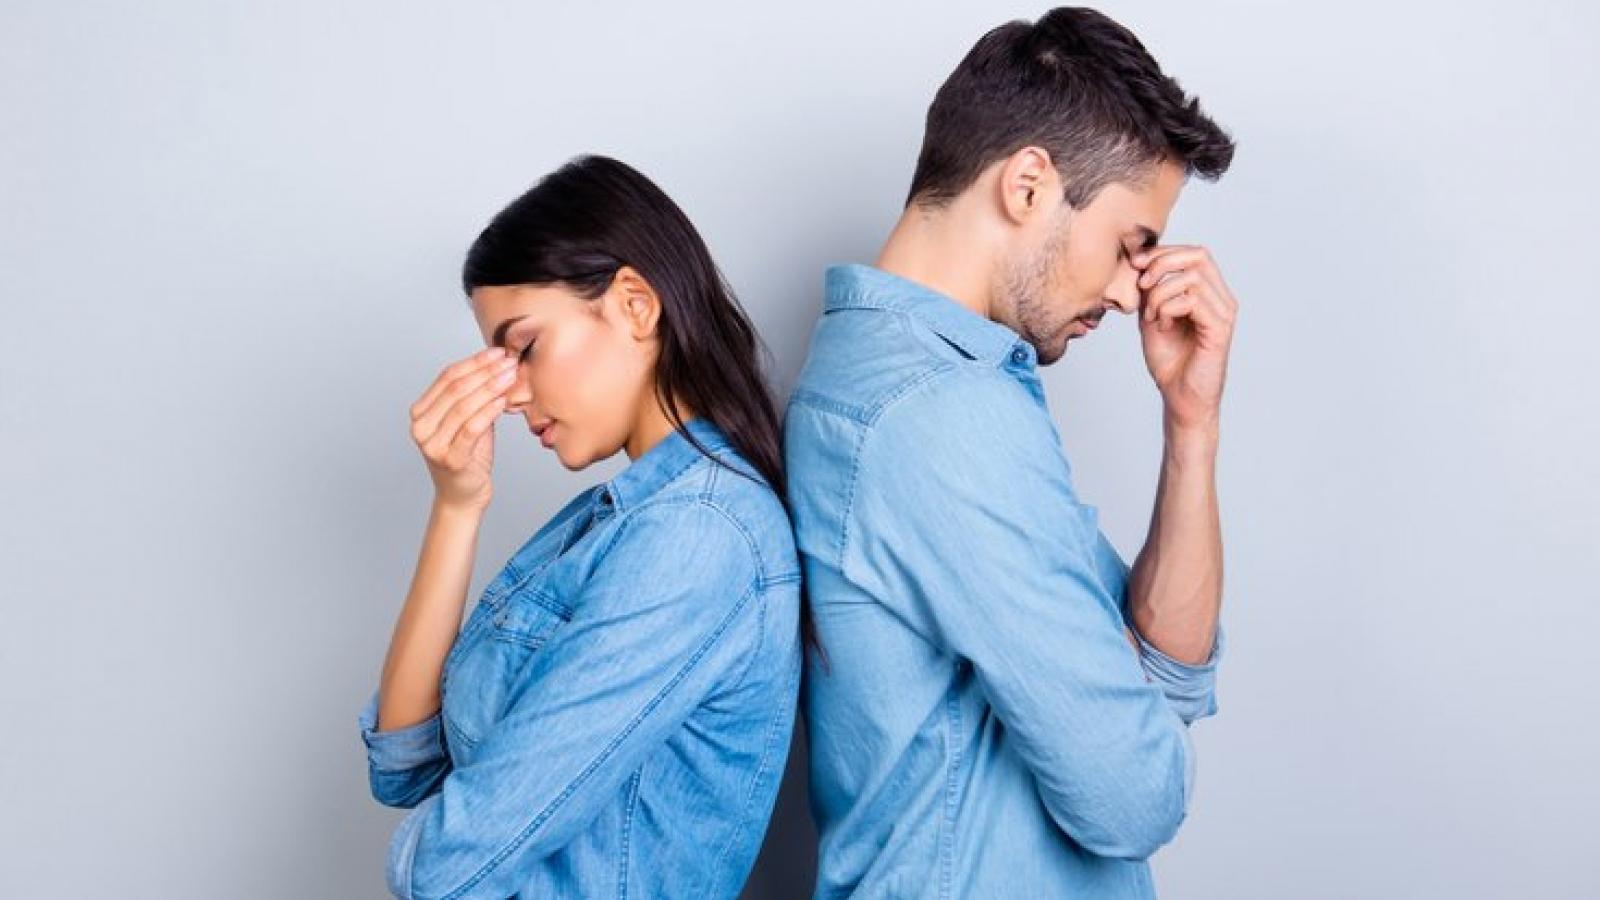 """Những dấu hiệu cho thấy bạn đang trong mối quan hệ """"không ổn"""""""